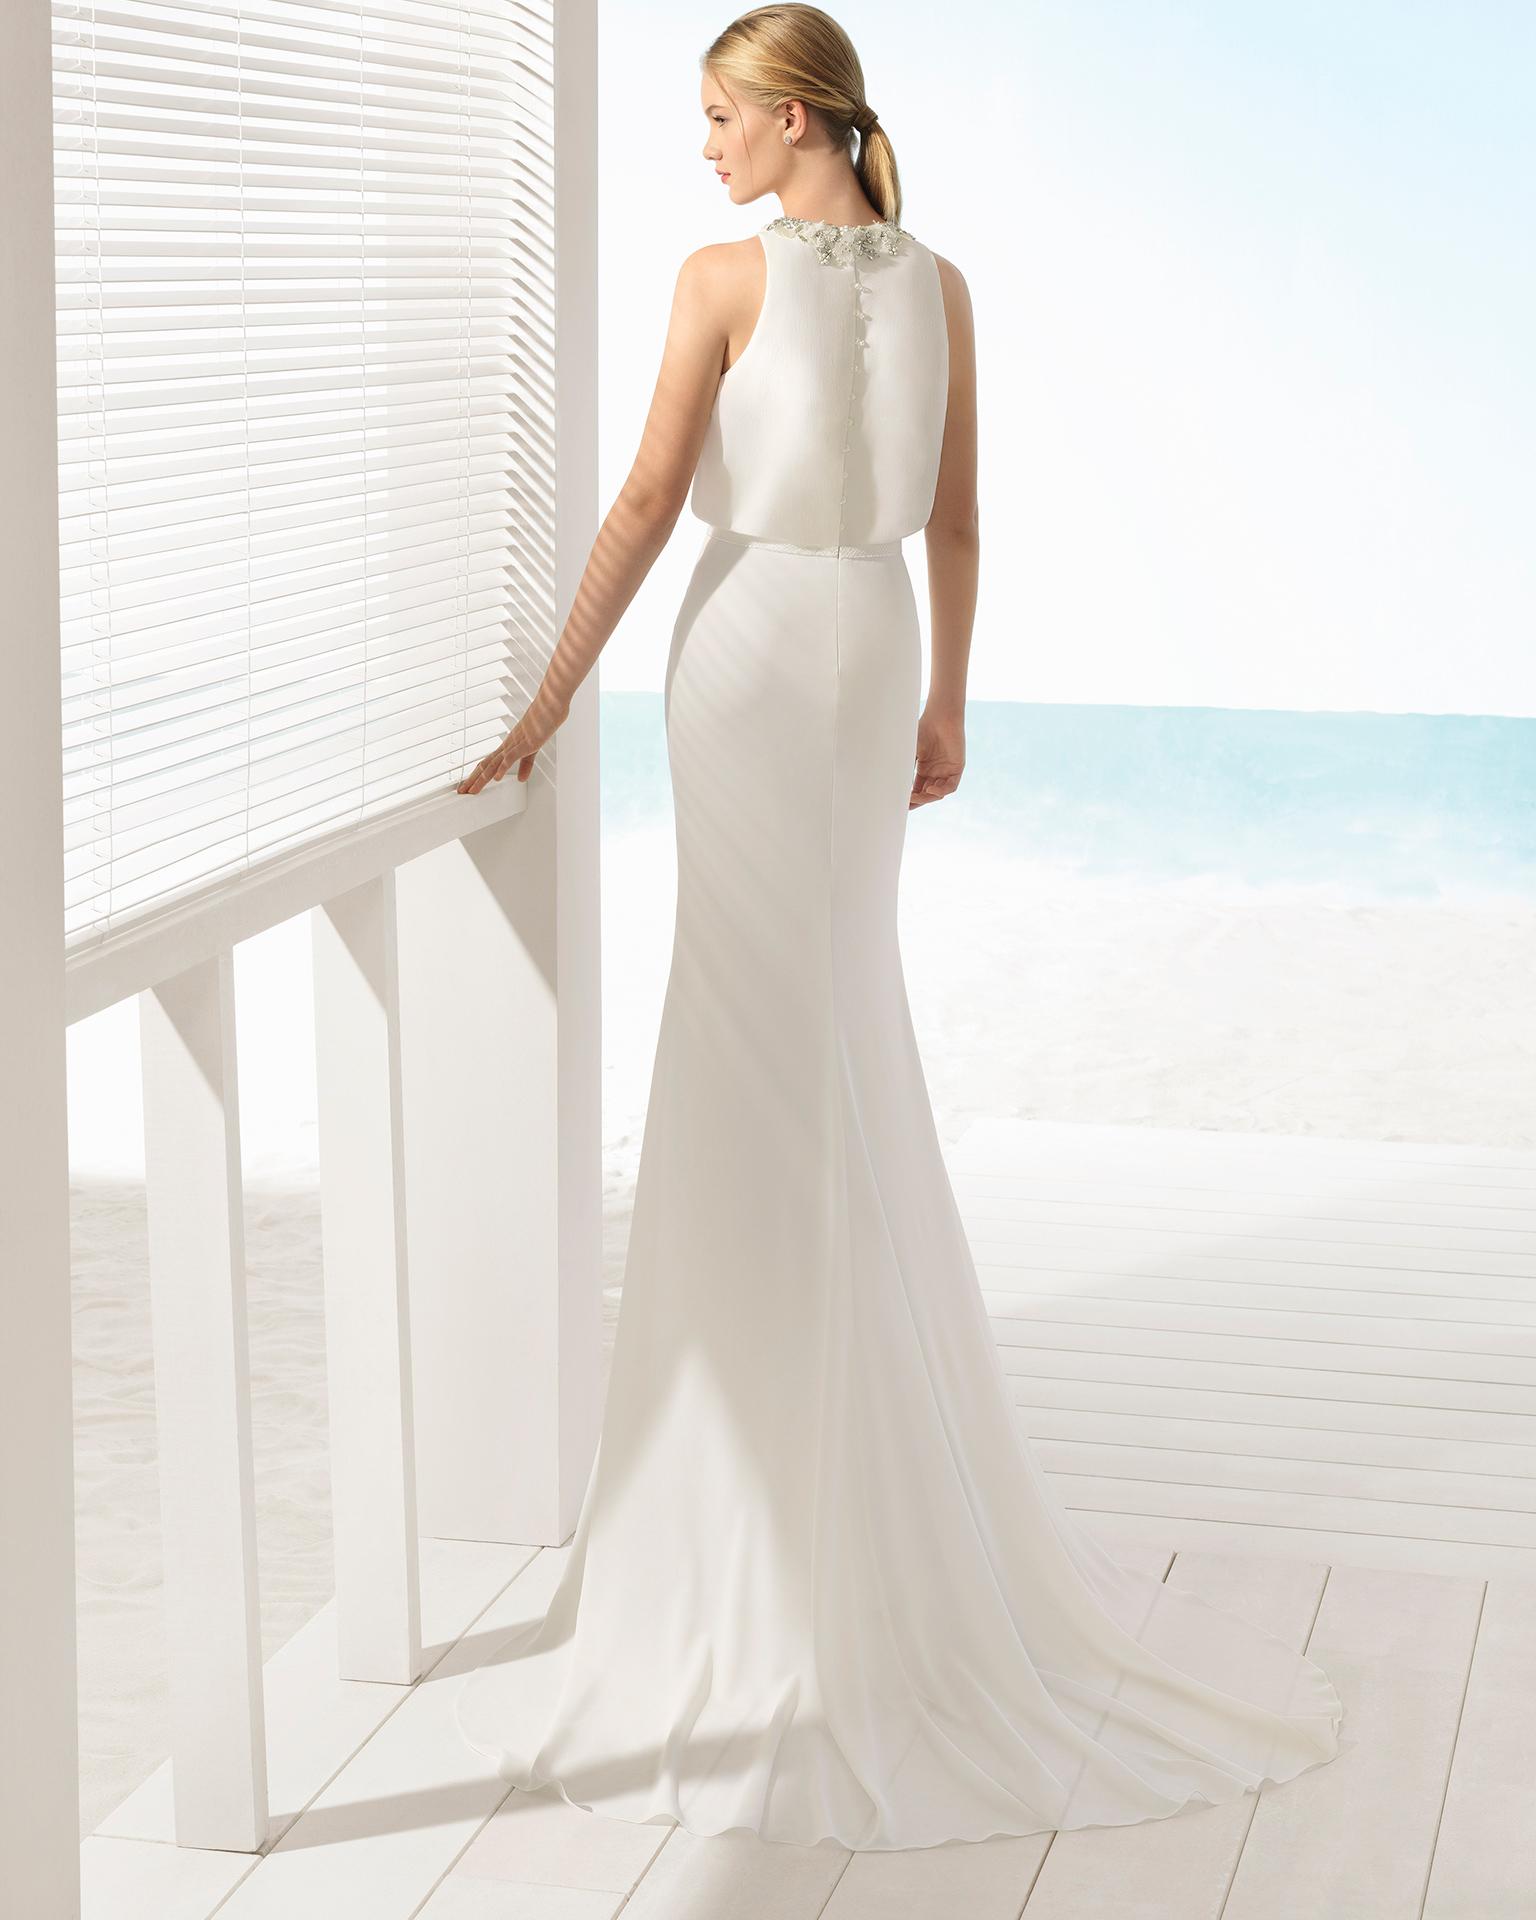 فستان زفاف ذو نمط بوهيمي من الكريب جورجيت، ذو ياقة ملتفّة حول العنق، ومزيّن بزهور من الكريستال، باللون الطبيعي والطبيعي/الوردي.